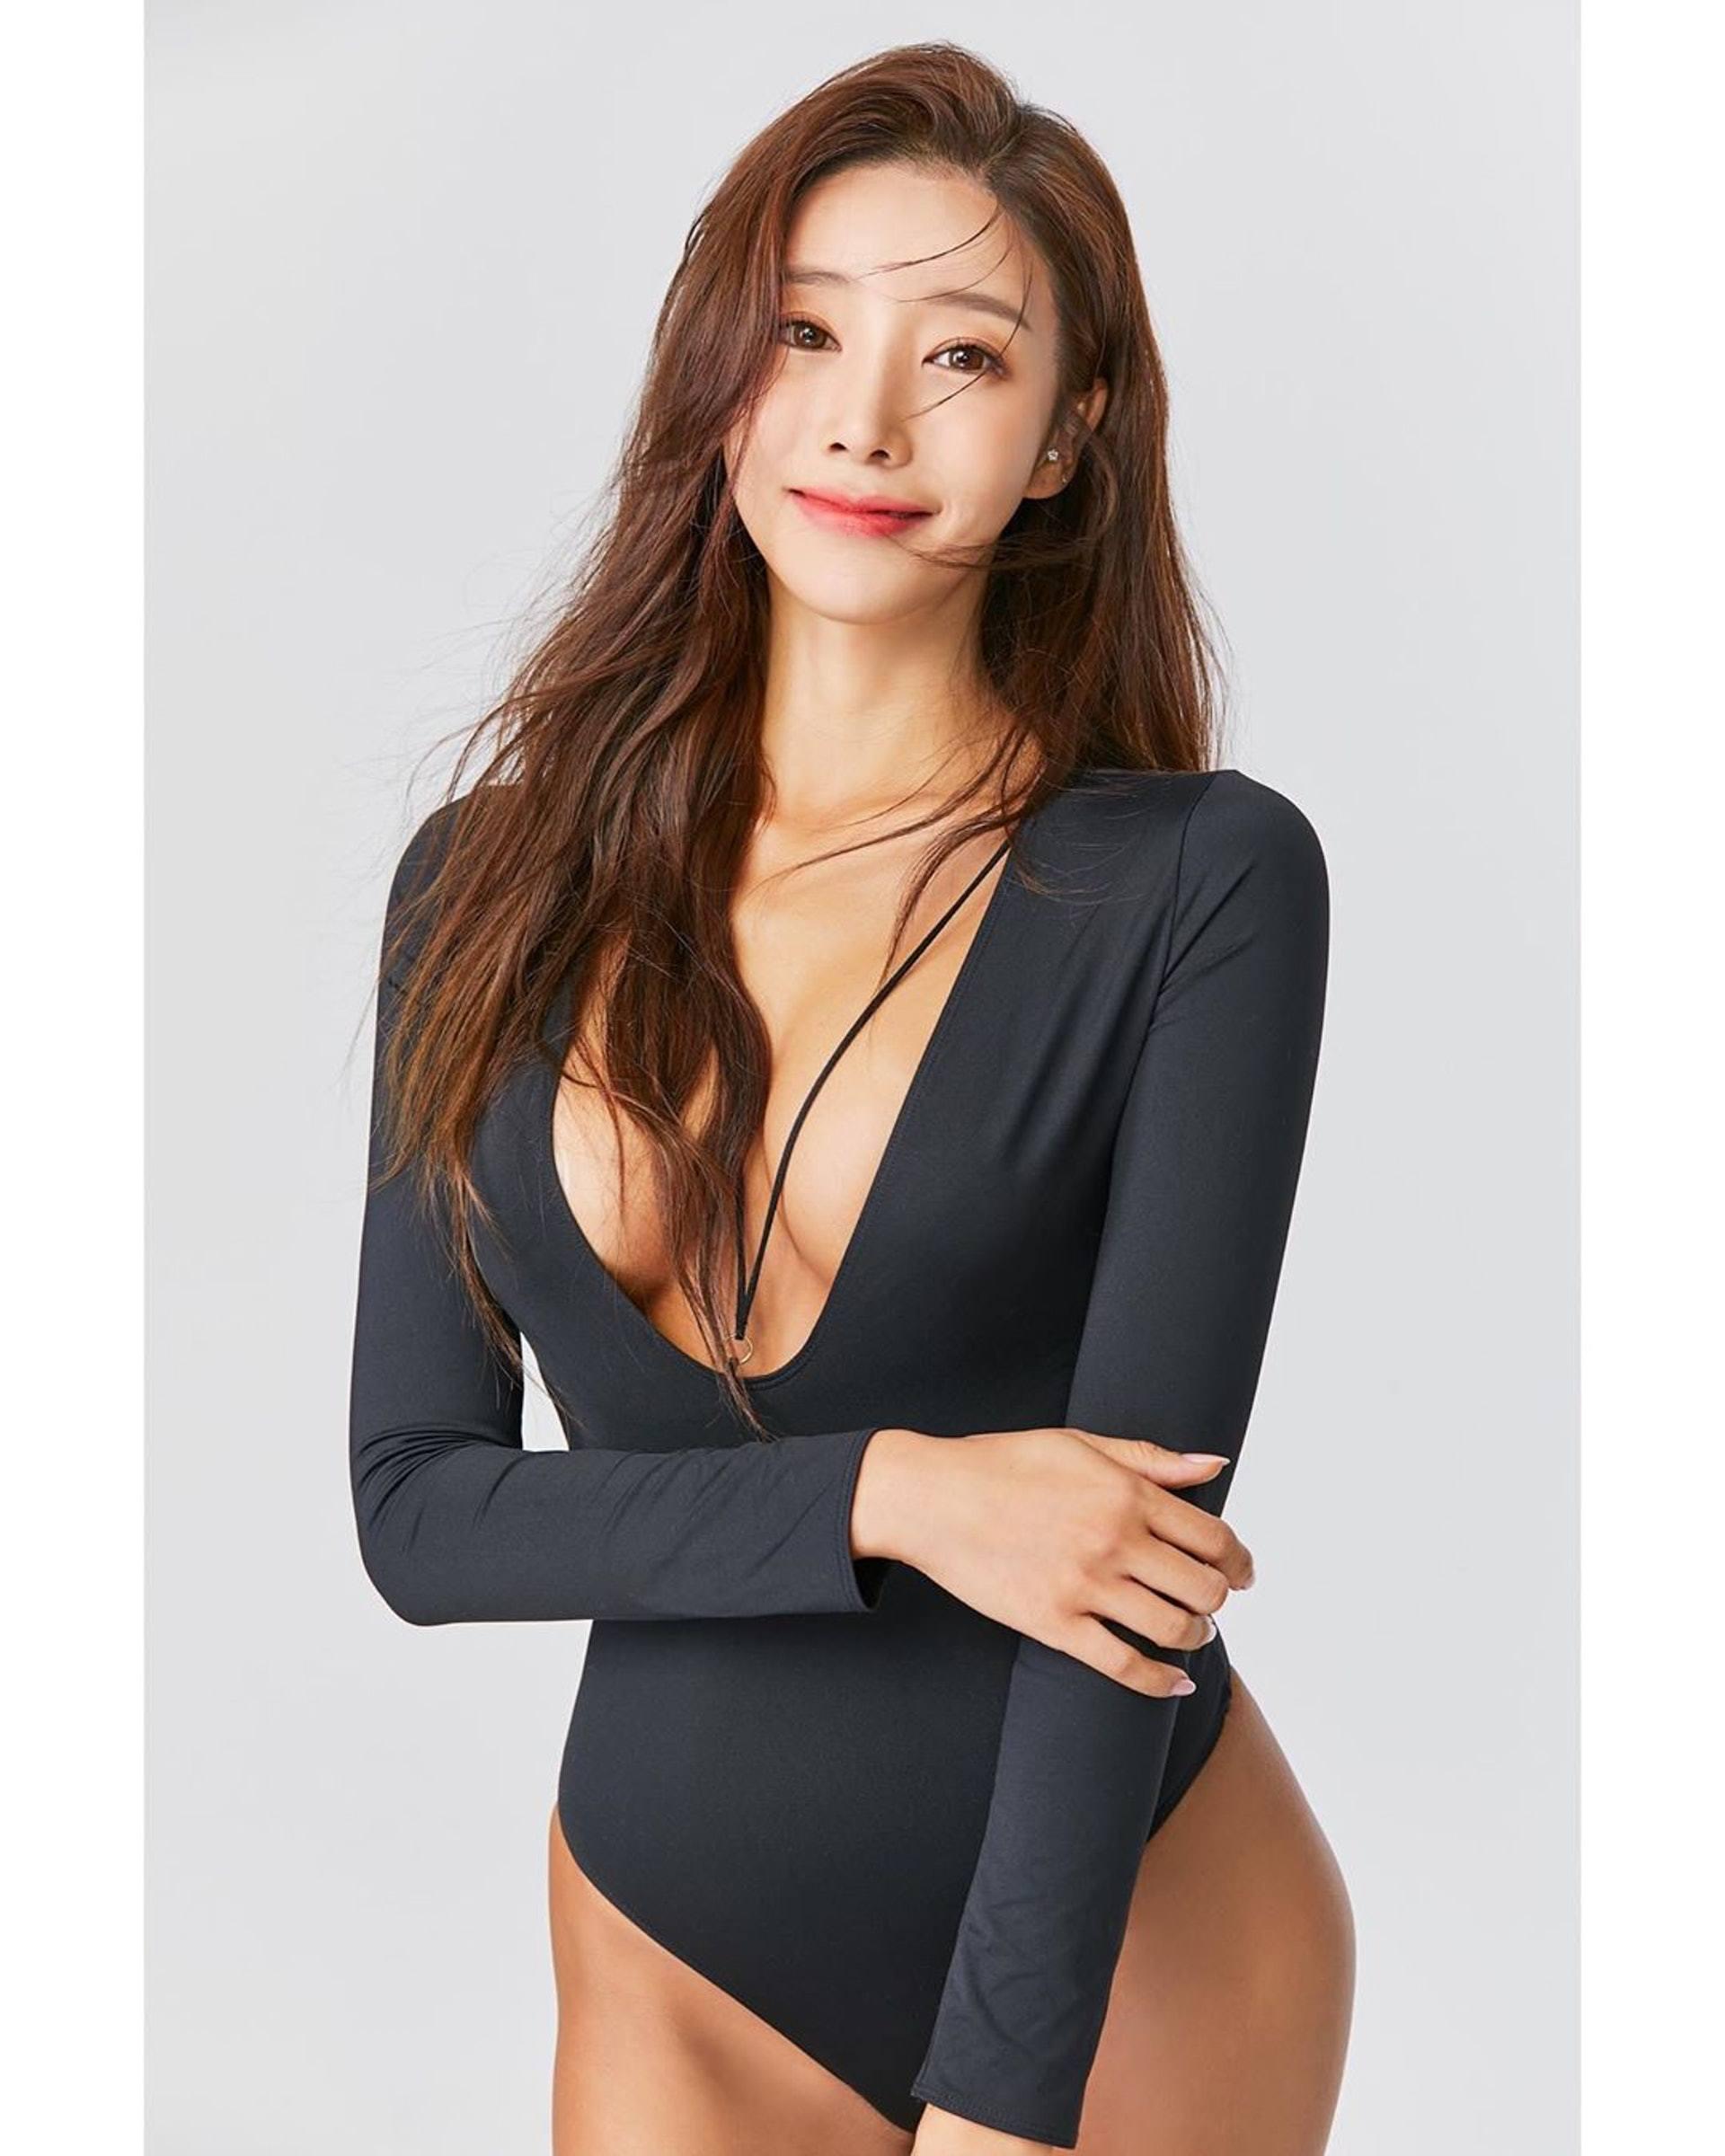 韩国健美小姐吴彩源半裸拍杂志,大晒蚂蚁腰展现健康性感美插图(4)